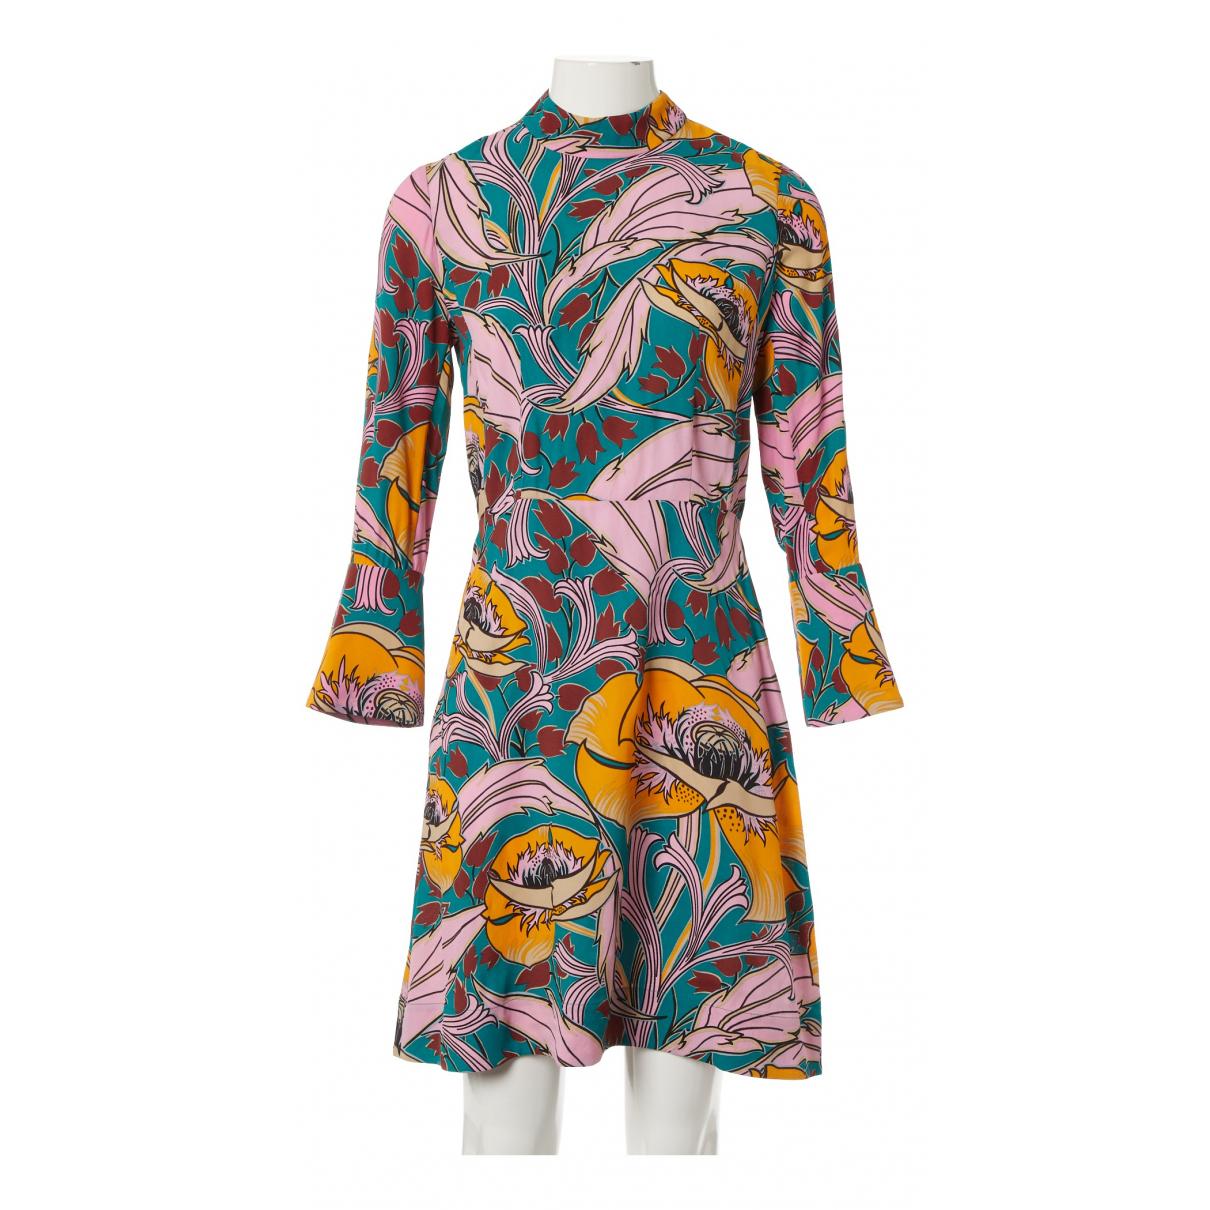 Marni \N Kleid in  Bunt Viskose